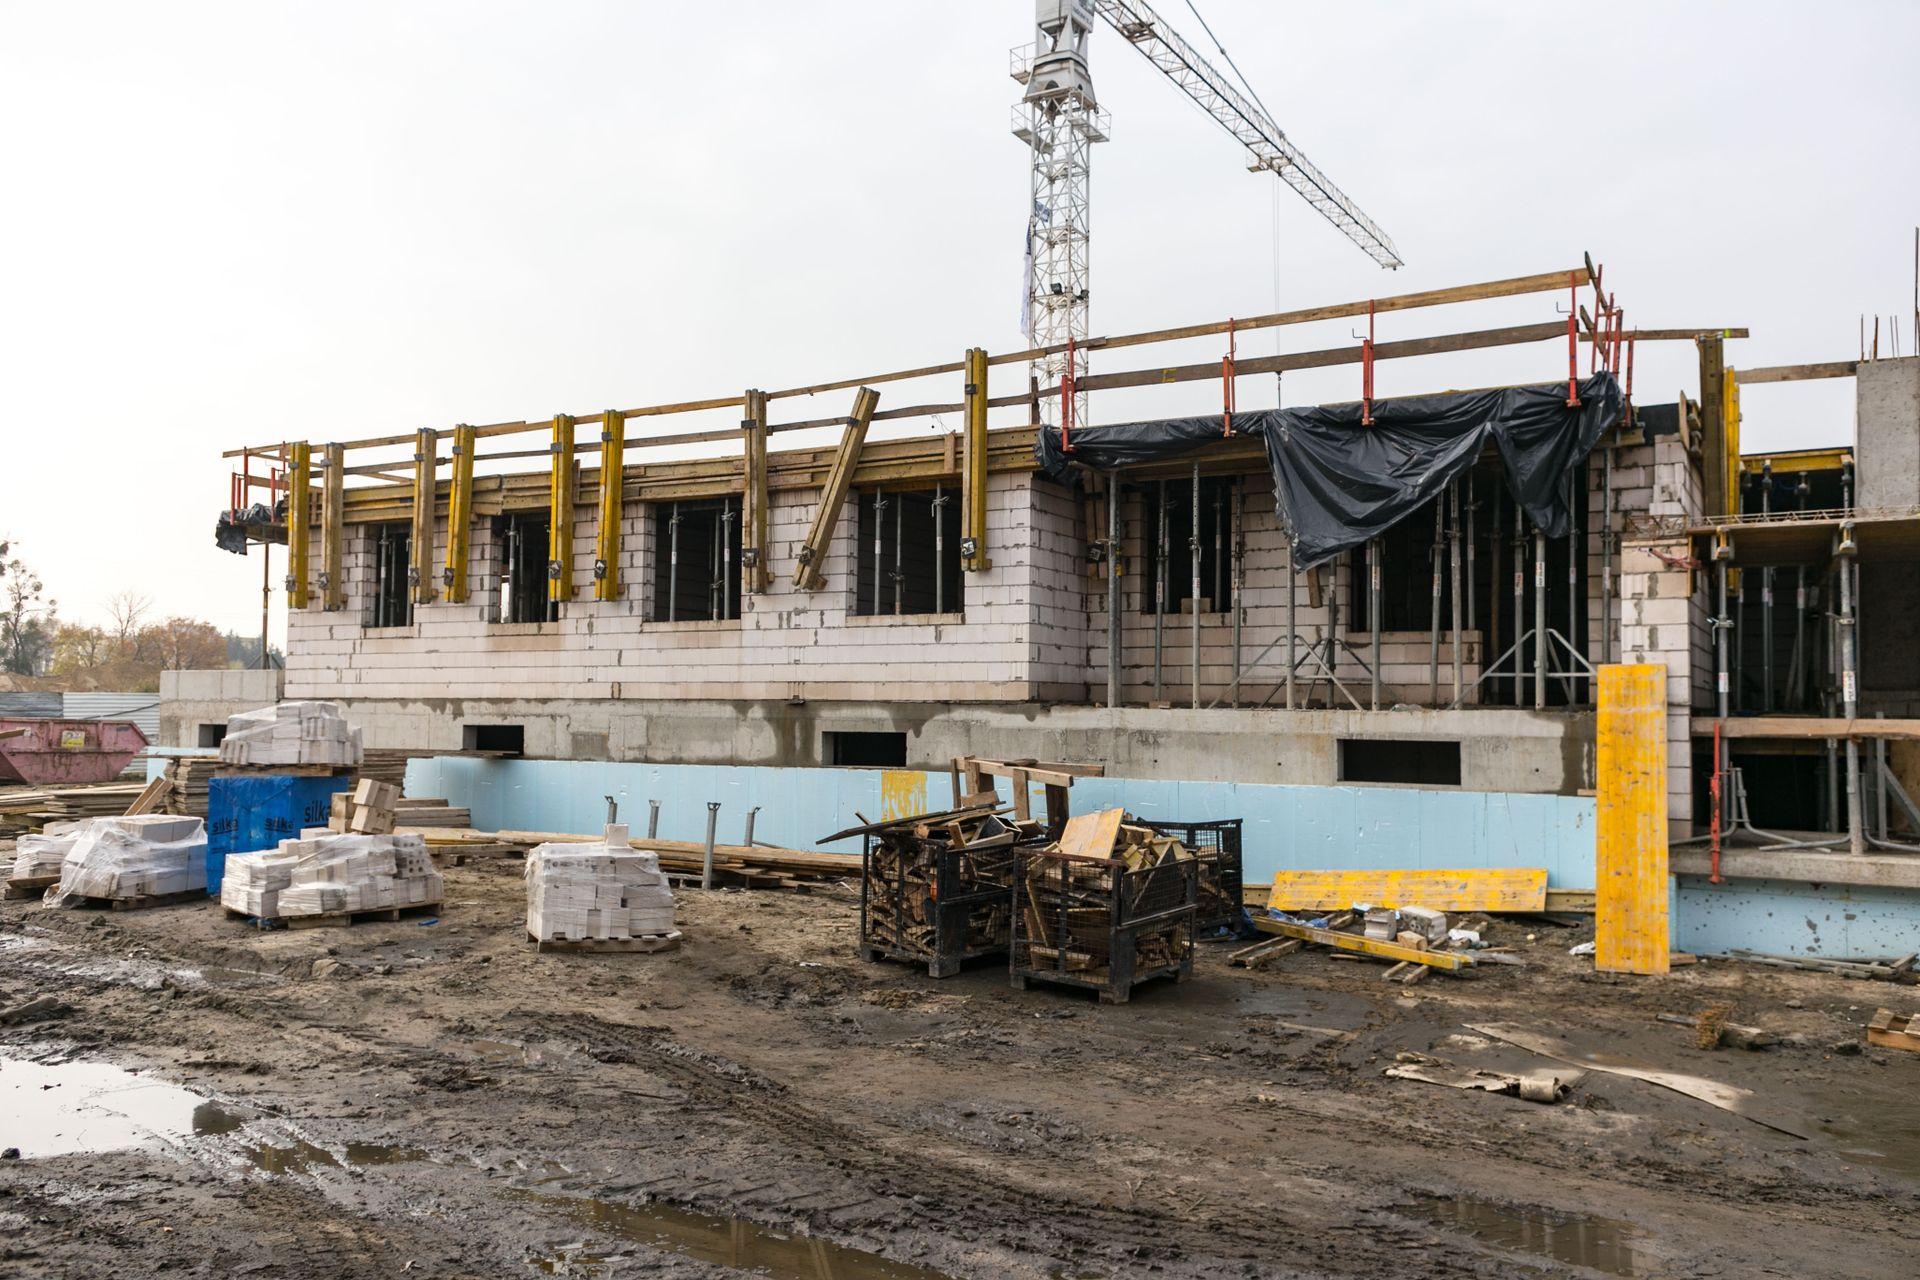 Warszawa: LC Corp płaci ponad 8 milionów za grunt pod kilkadziesiąt mieszkań niedaleko lotniska